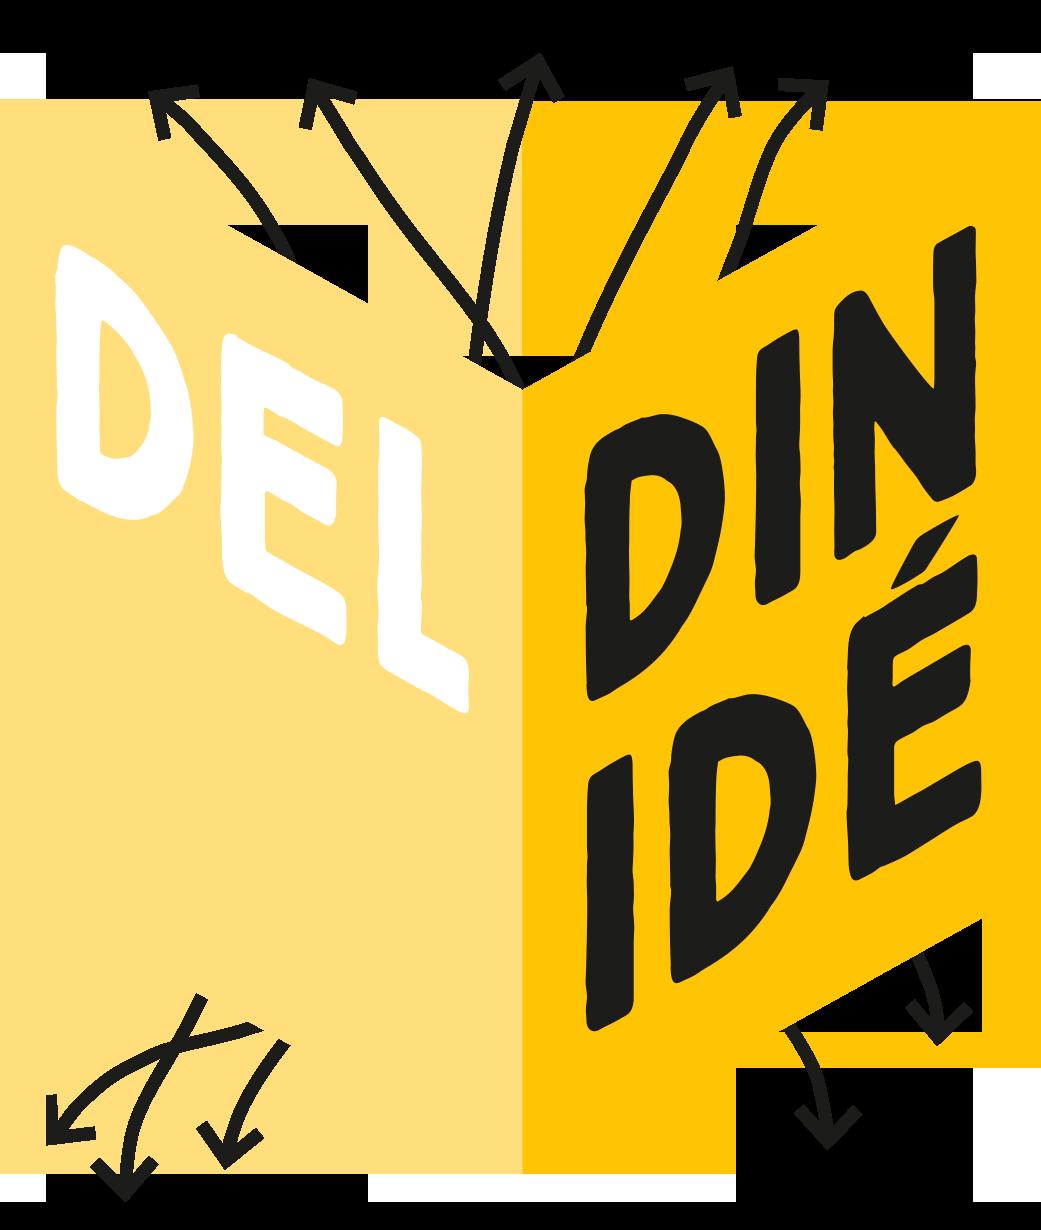 07-del-din-idé.png